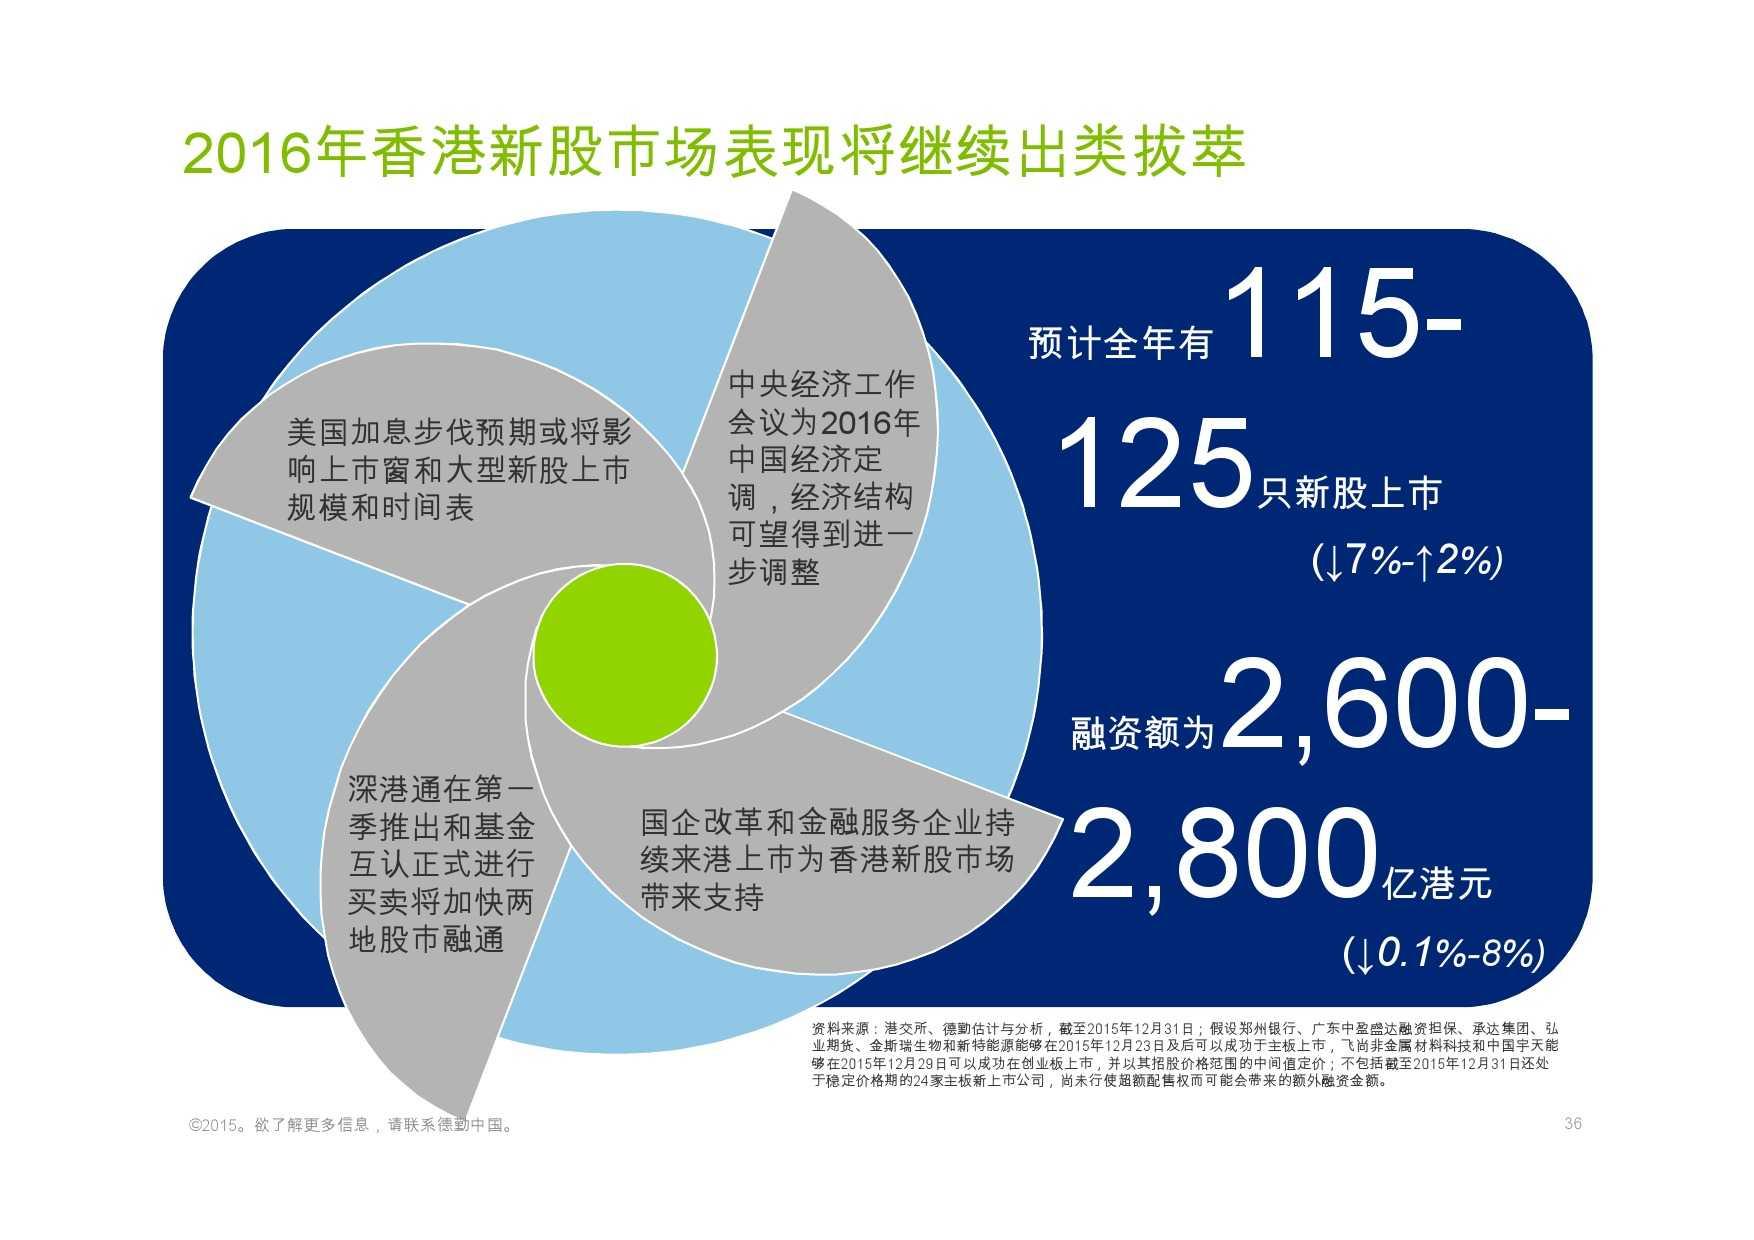 德勤:香港及中国大陆IPO巿场2015年回顾与2016年展望_000036